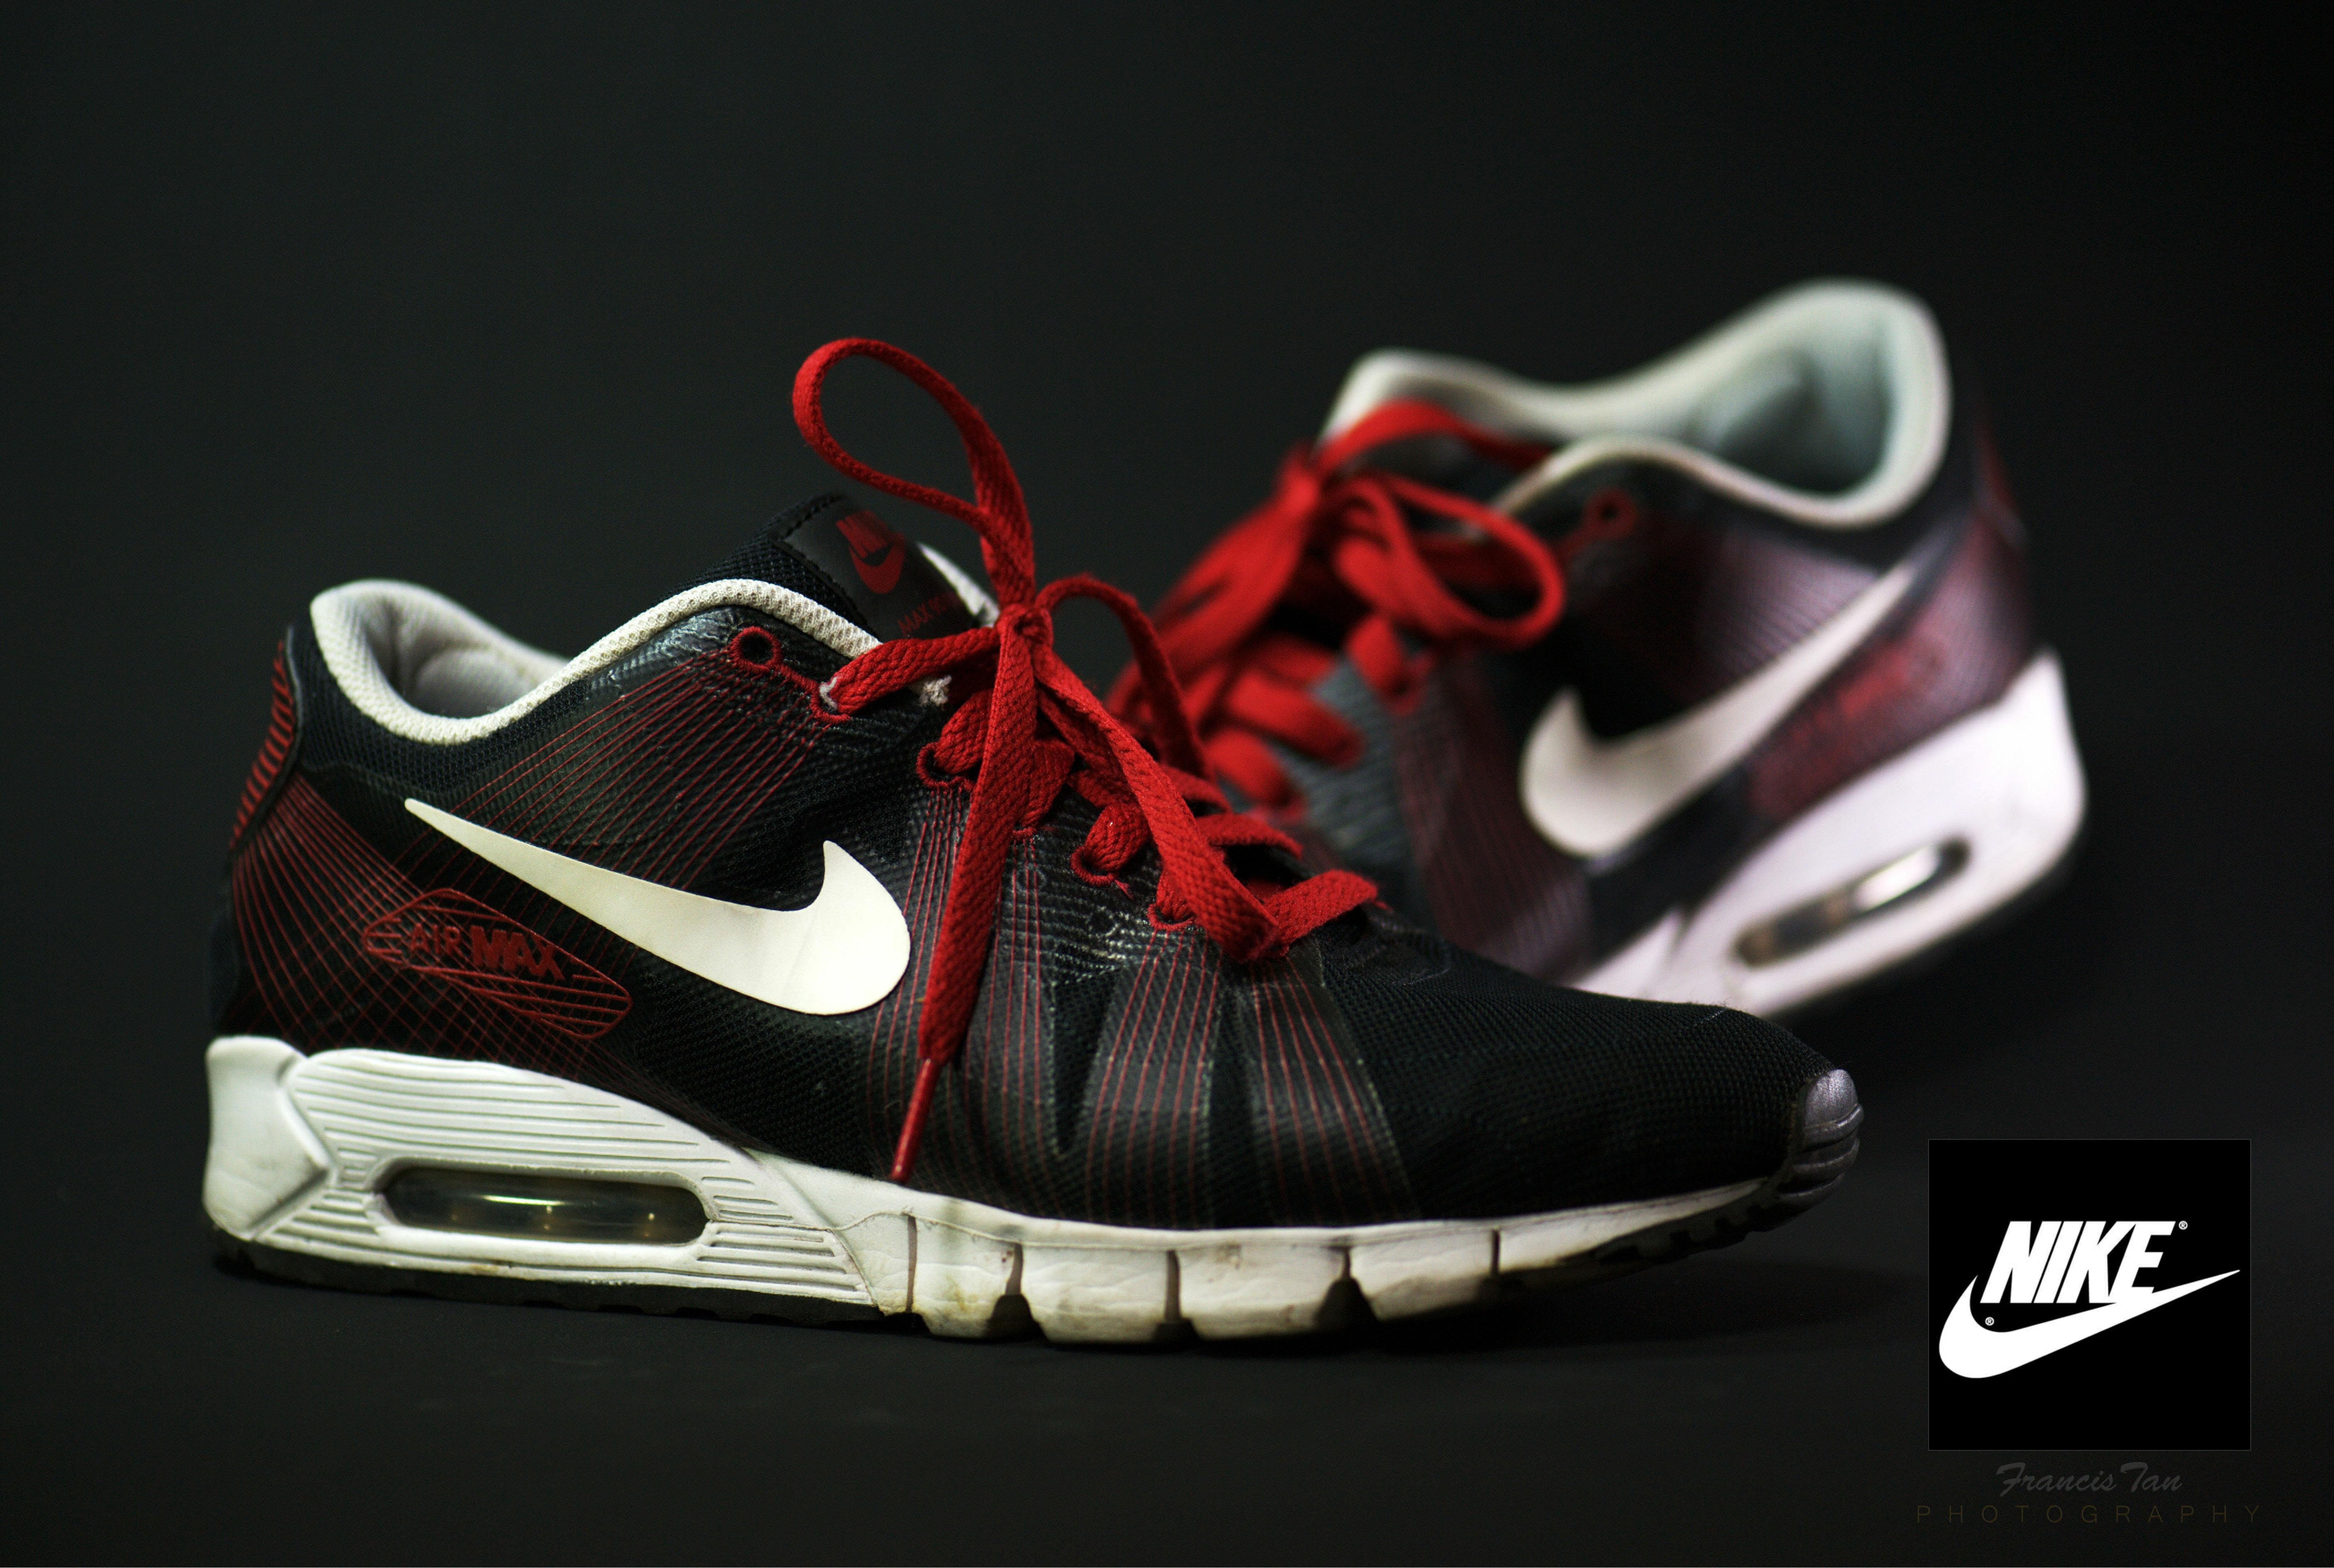 Fond d'écran : blanc, noir, tenue de sport, la photographie, Macro,  chaussures, baskets, commercial, marque, chaussure, Stroboscopes,  Remoteflash, produit, ...